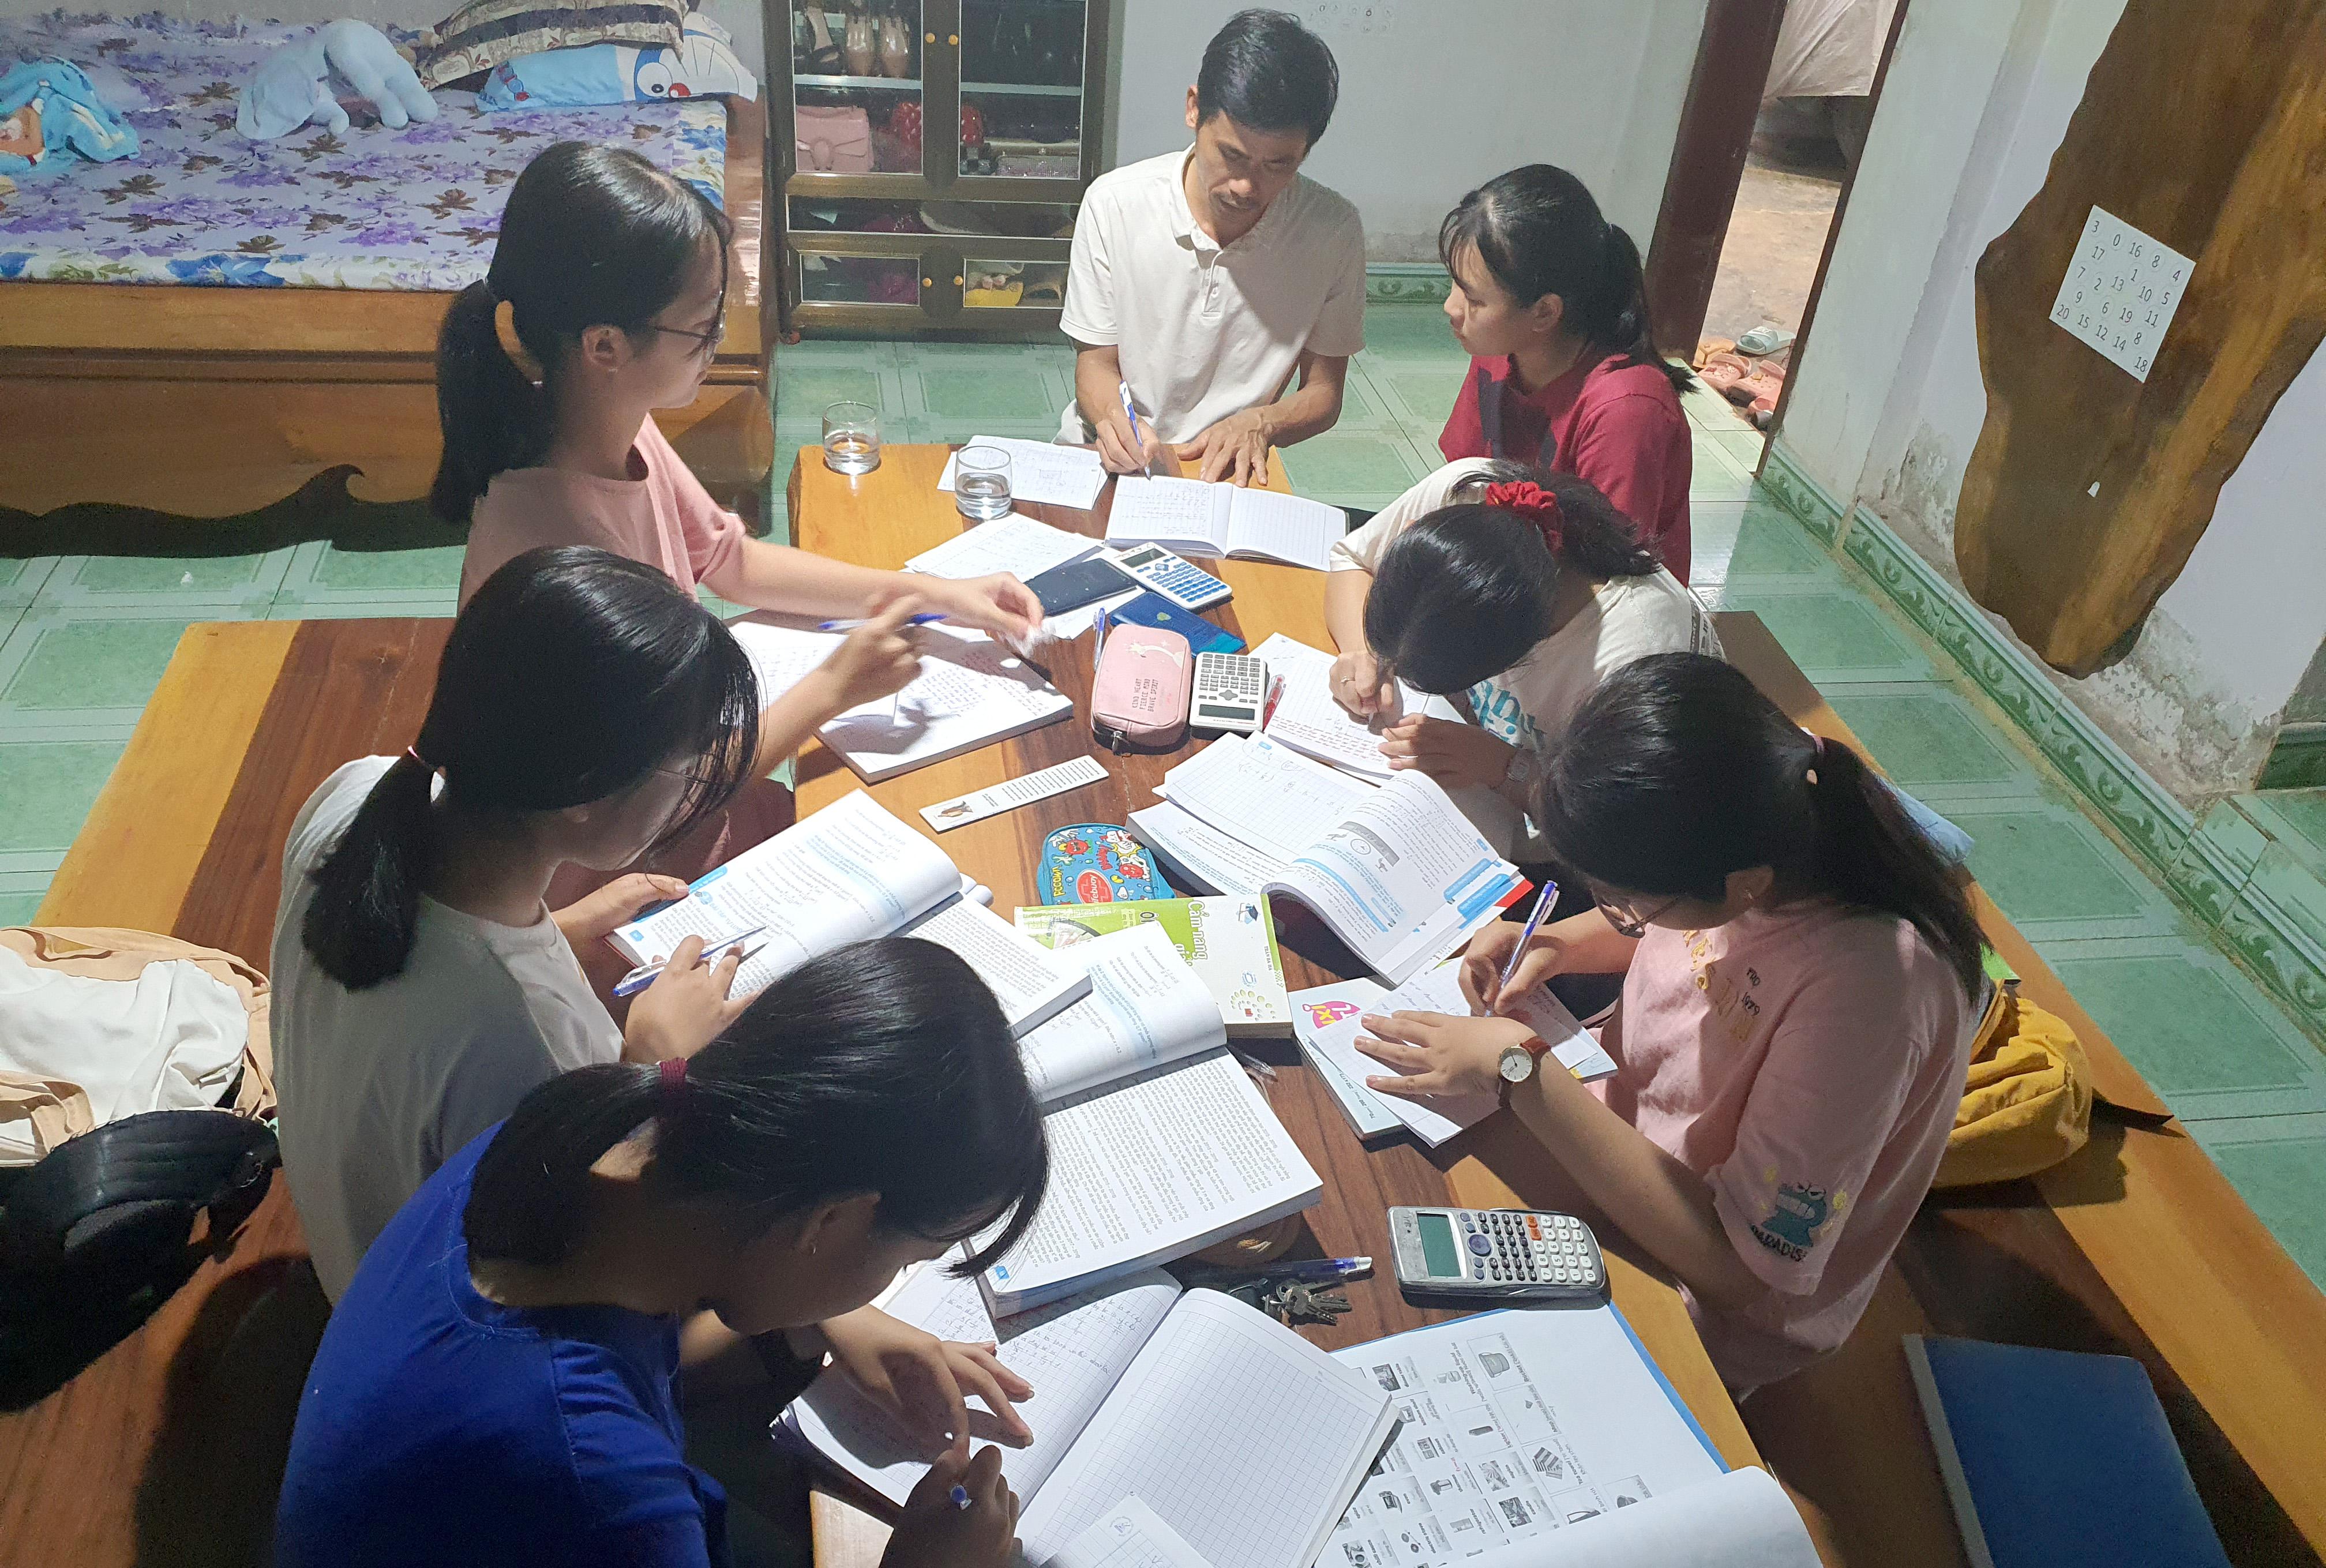 Ngoài thời gian bồi dưỡng trên lớp, thầy Diệp Quốc Quang dành thêm thời gian ở nhà để bồi dưỡng các em trong đội tuyển học sinh giởi.